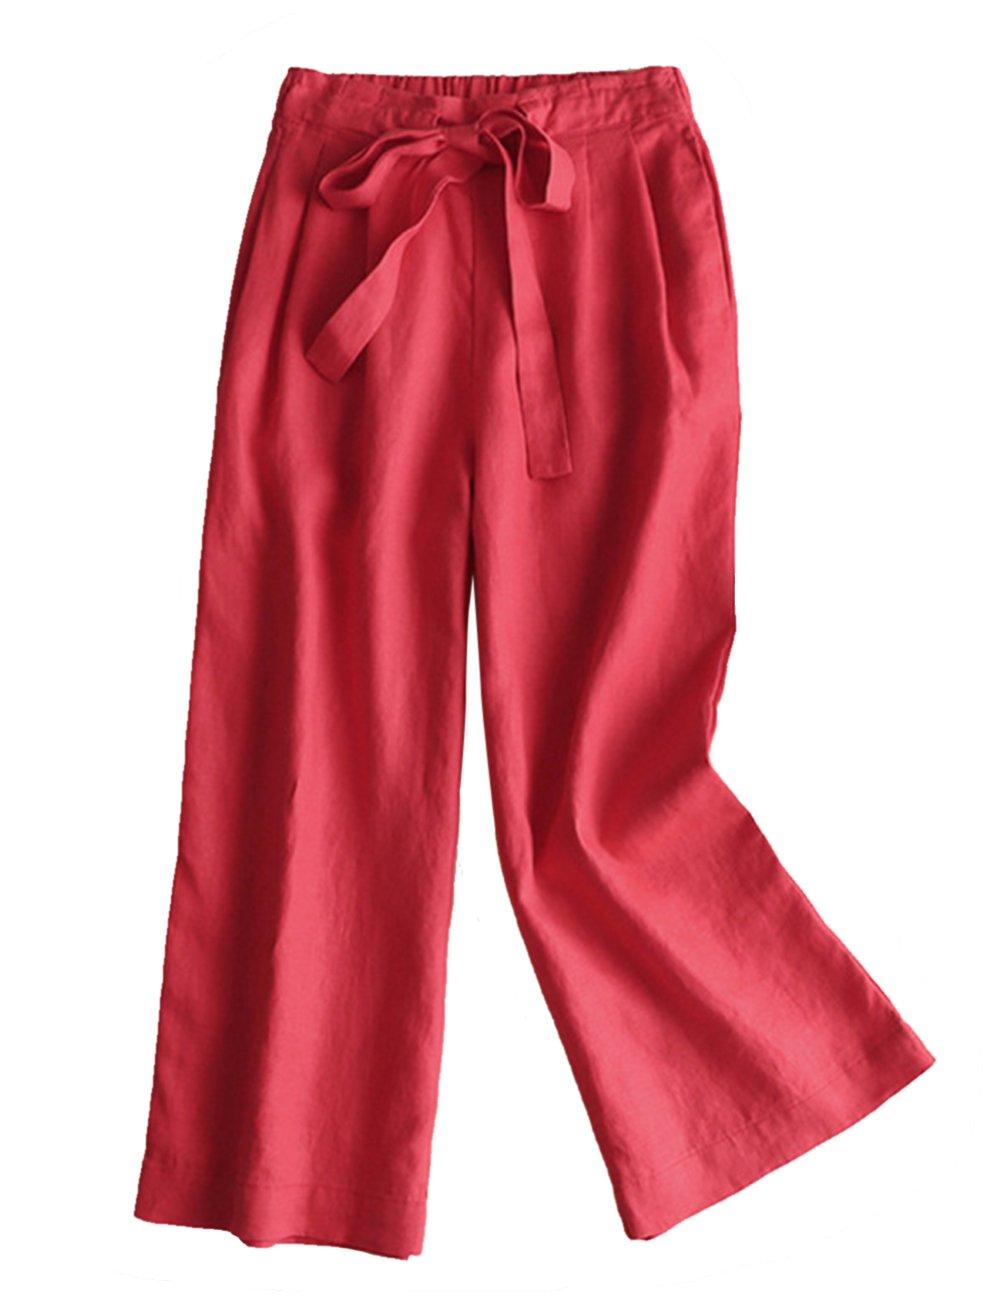 IXIMO レディース リネン ロングパンツ ワイド パンツ 無地 ウェストゴム ドロスト プリーツ入り ゆったり カジュアル きれいめ ワイドパンツ ズボン 6色展開 B07C71TGR7 M|レッド レッド M